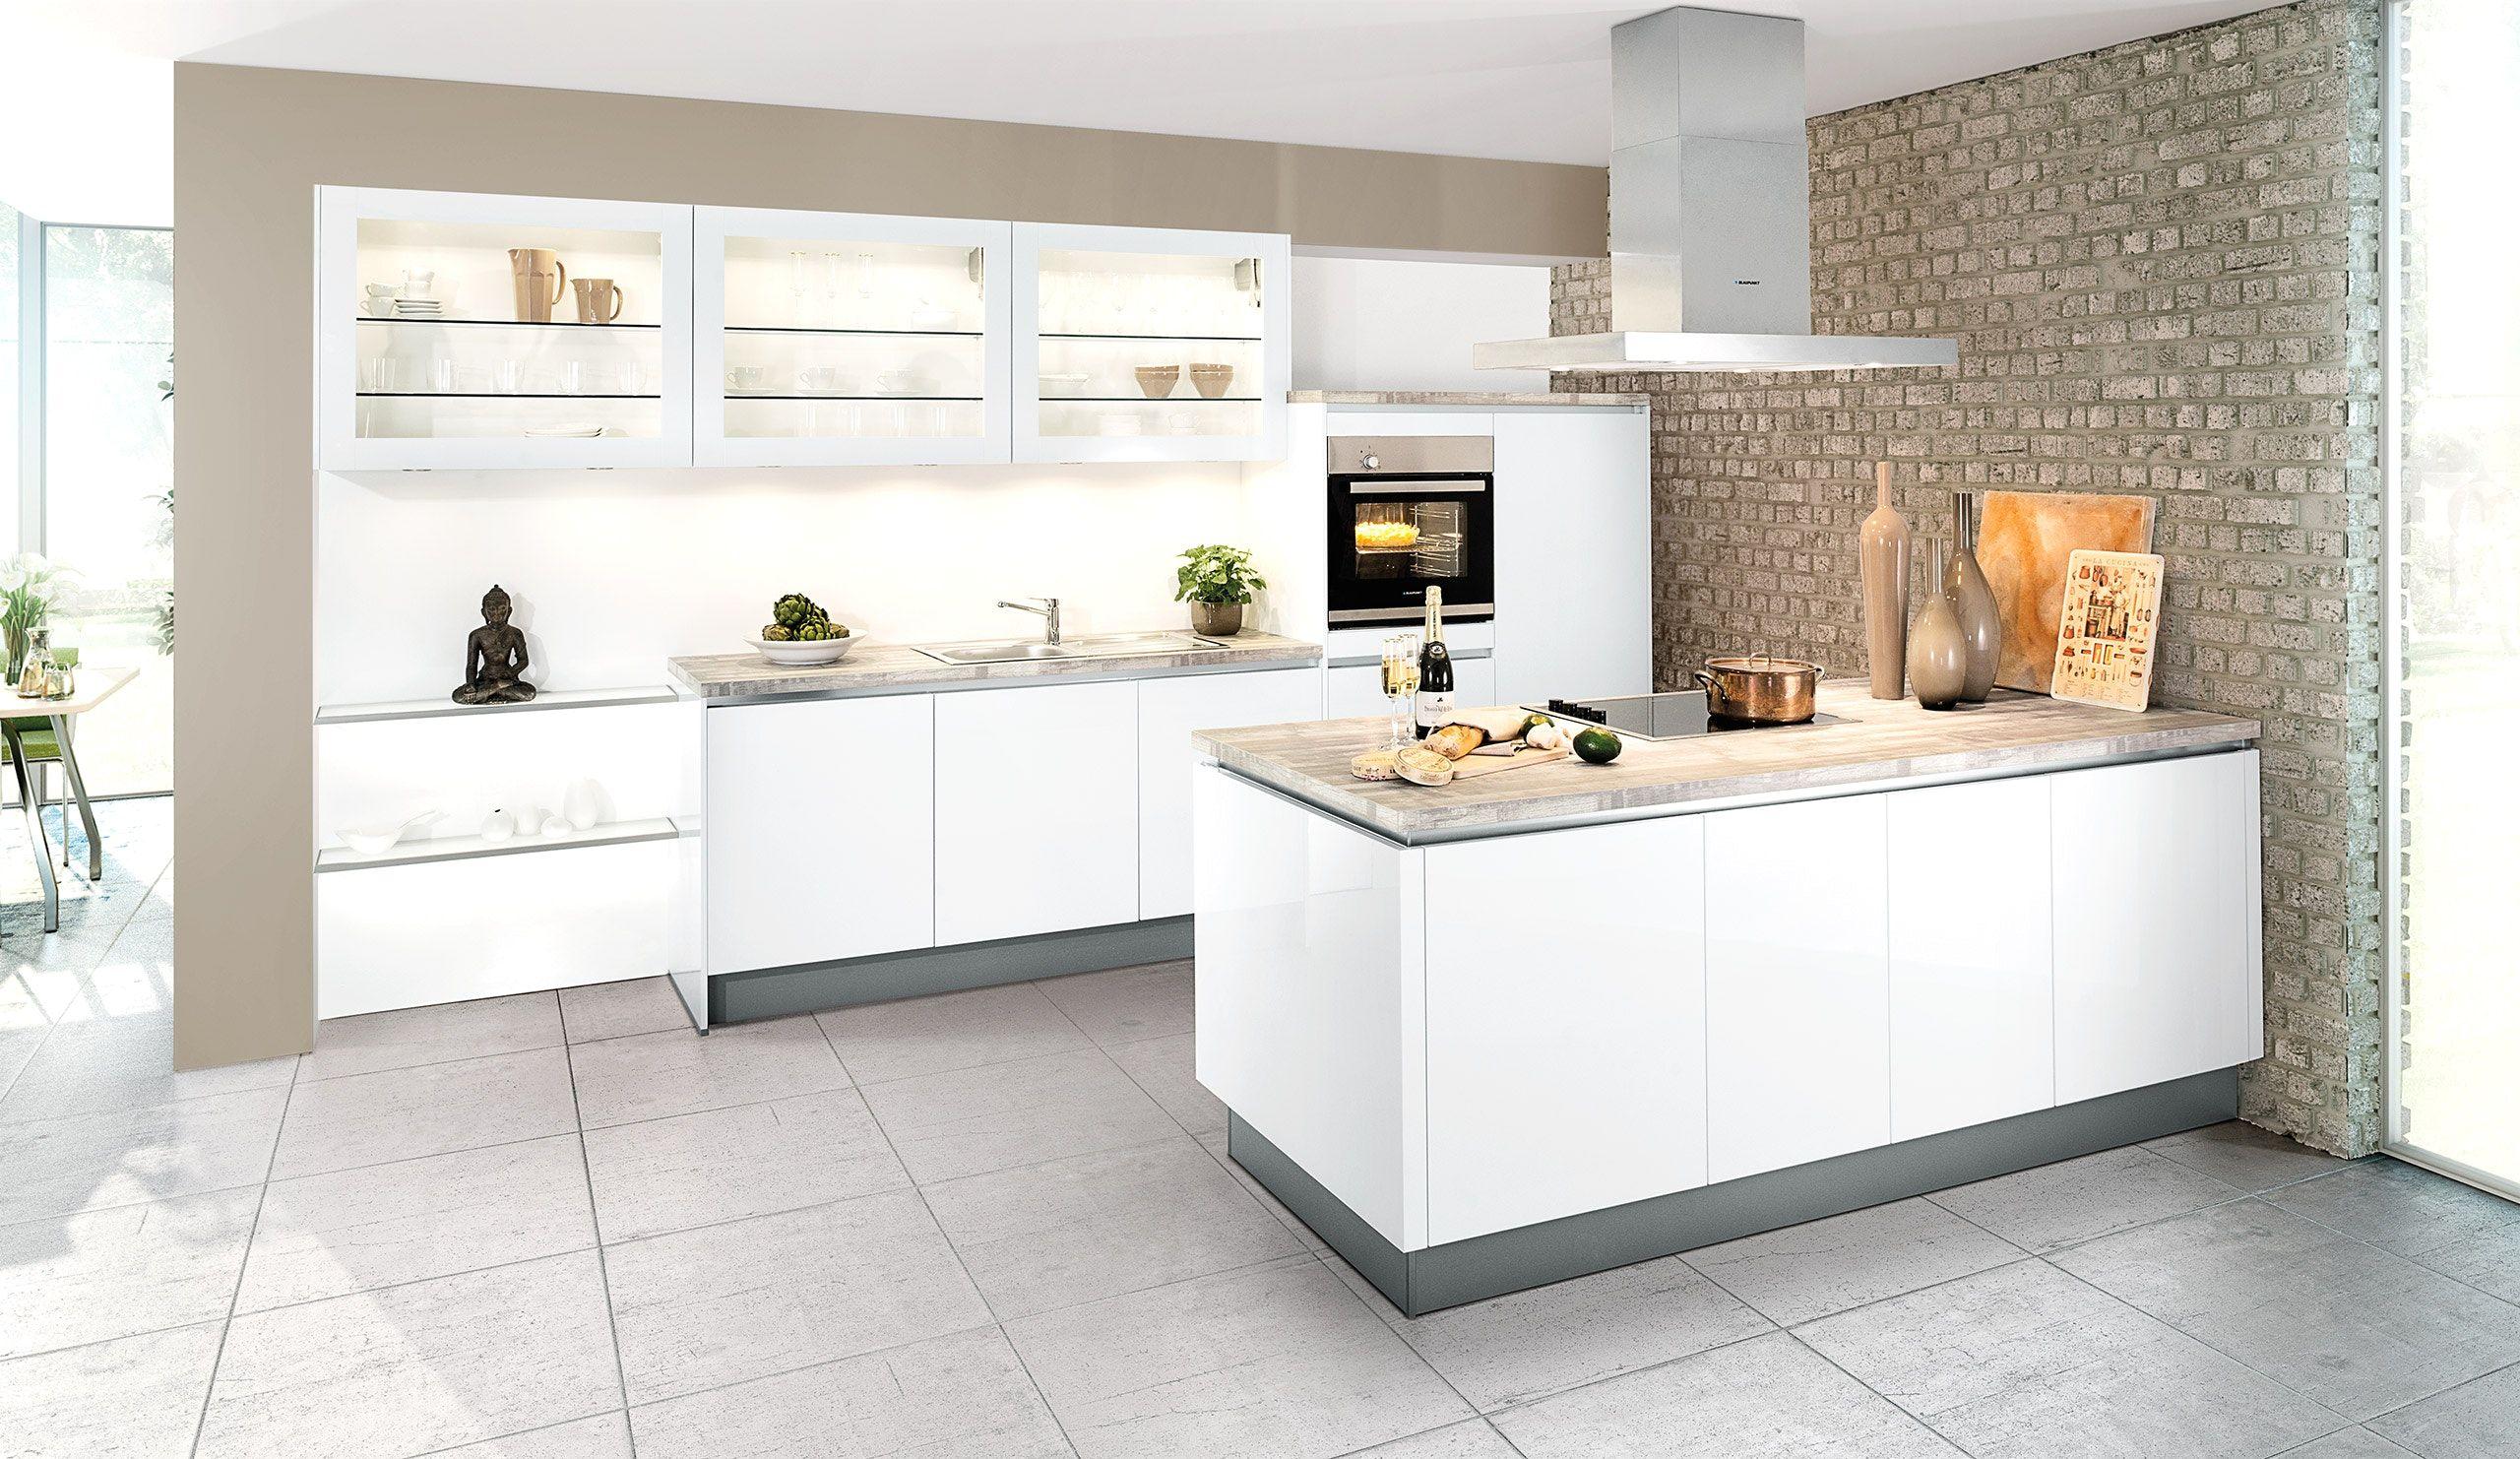 Fantastisch Wohnung Küchenarbeitsplatte Deko Ideen Zeitgenössisch ...